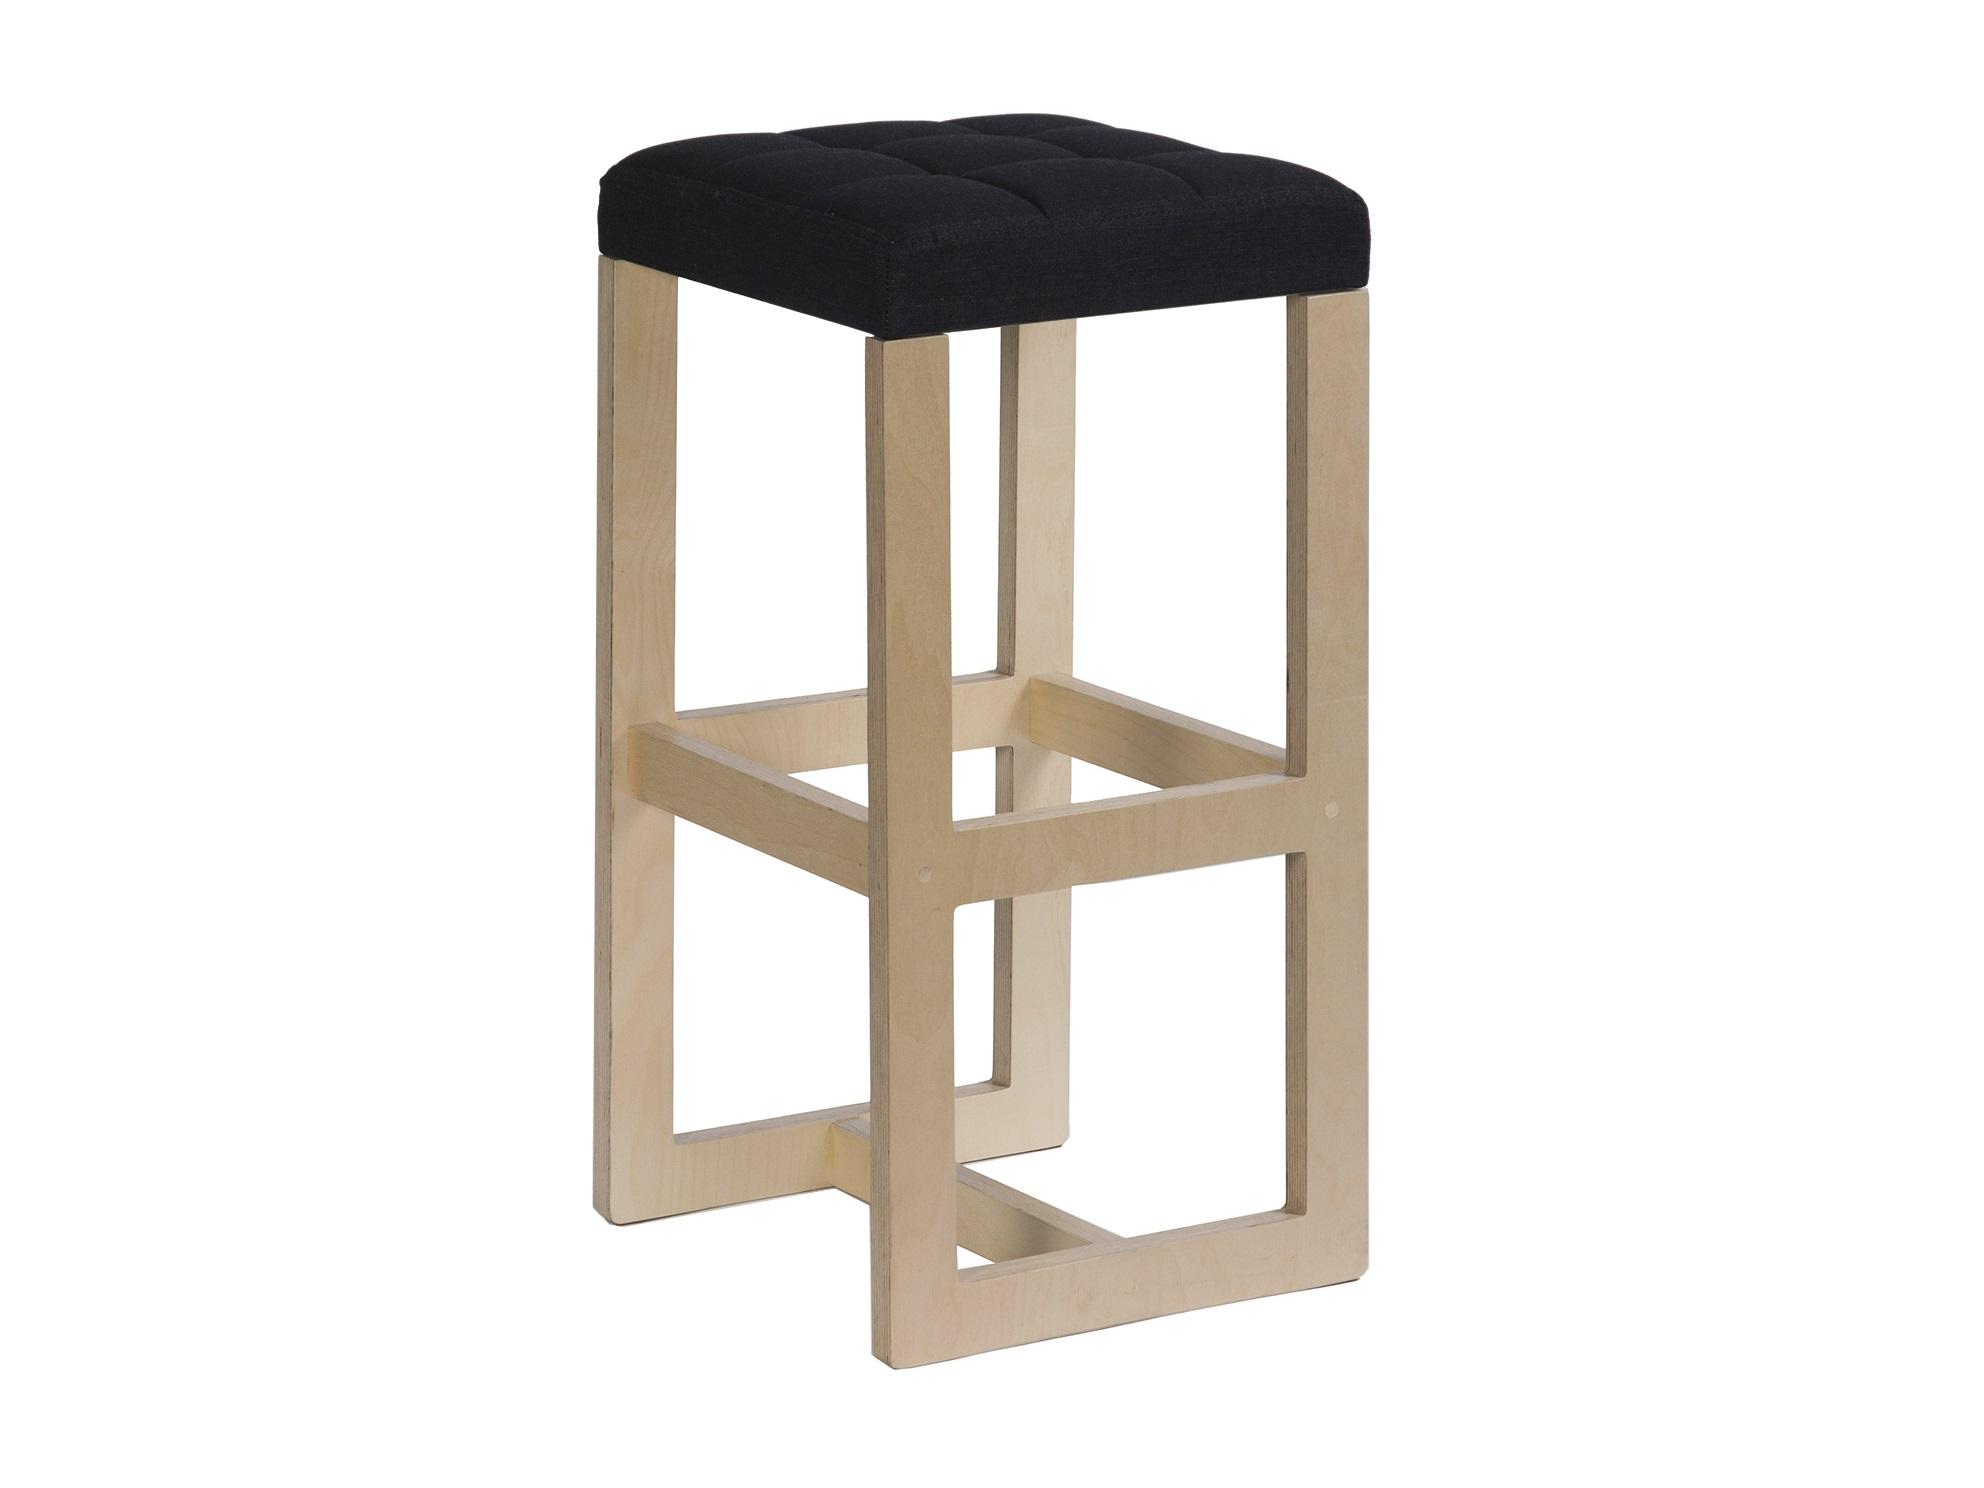 Табурет барный BraziliaБарные стулья<br>Возможно&amp;amp;nbsp; изготовление в других размерах и отделке. Подробности уточняйте у менеджера.<br><br>Material: Фанера<br>Ширина см: 37<br>Высота см: 68<br>Глубина см: 37